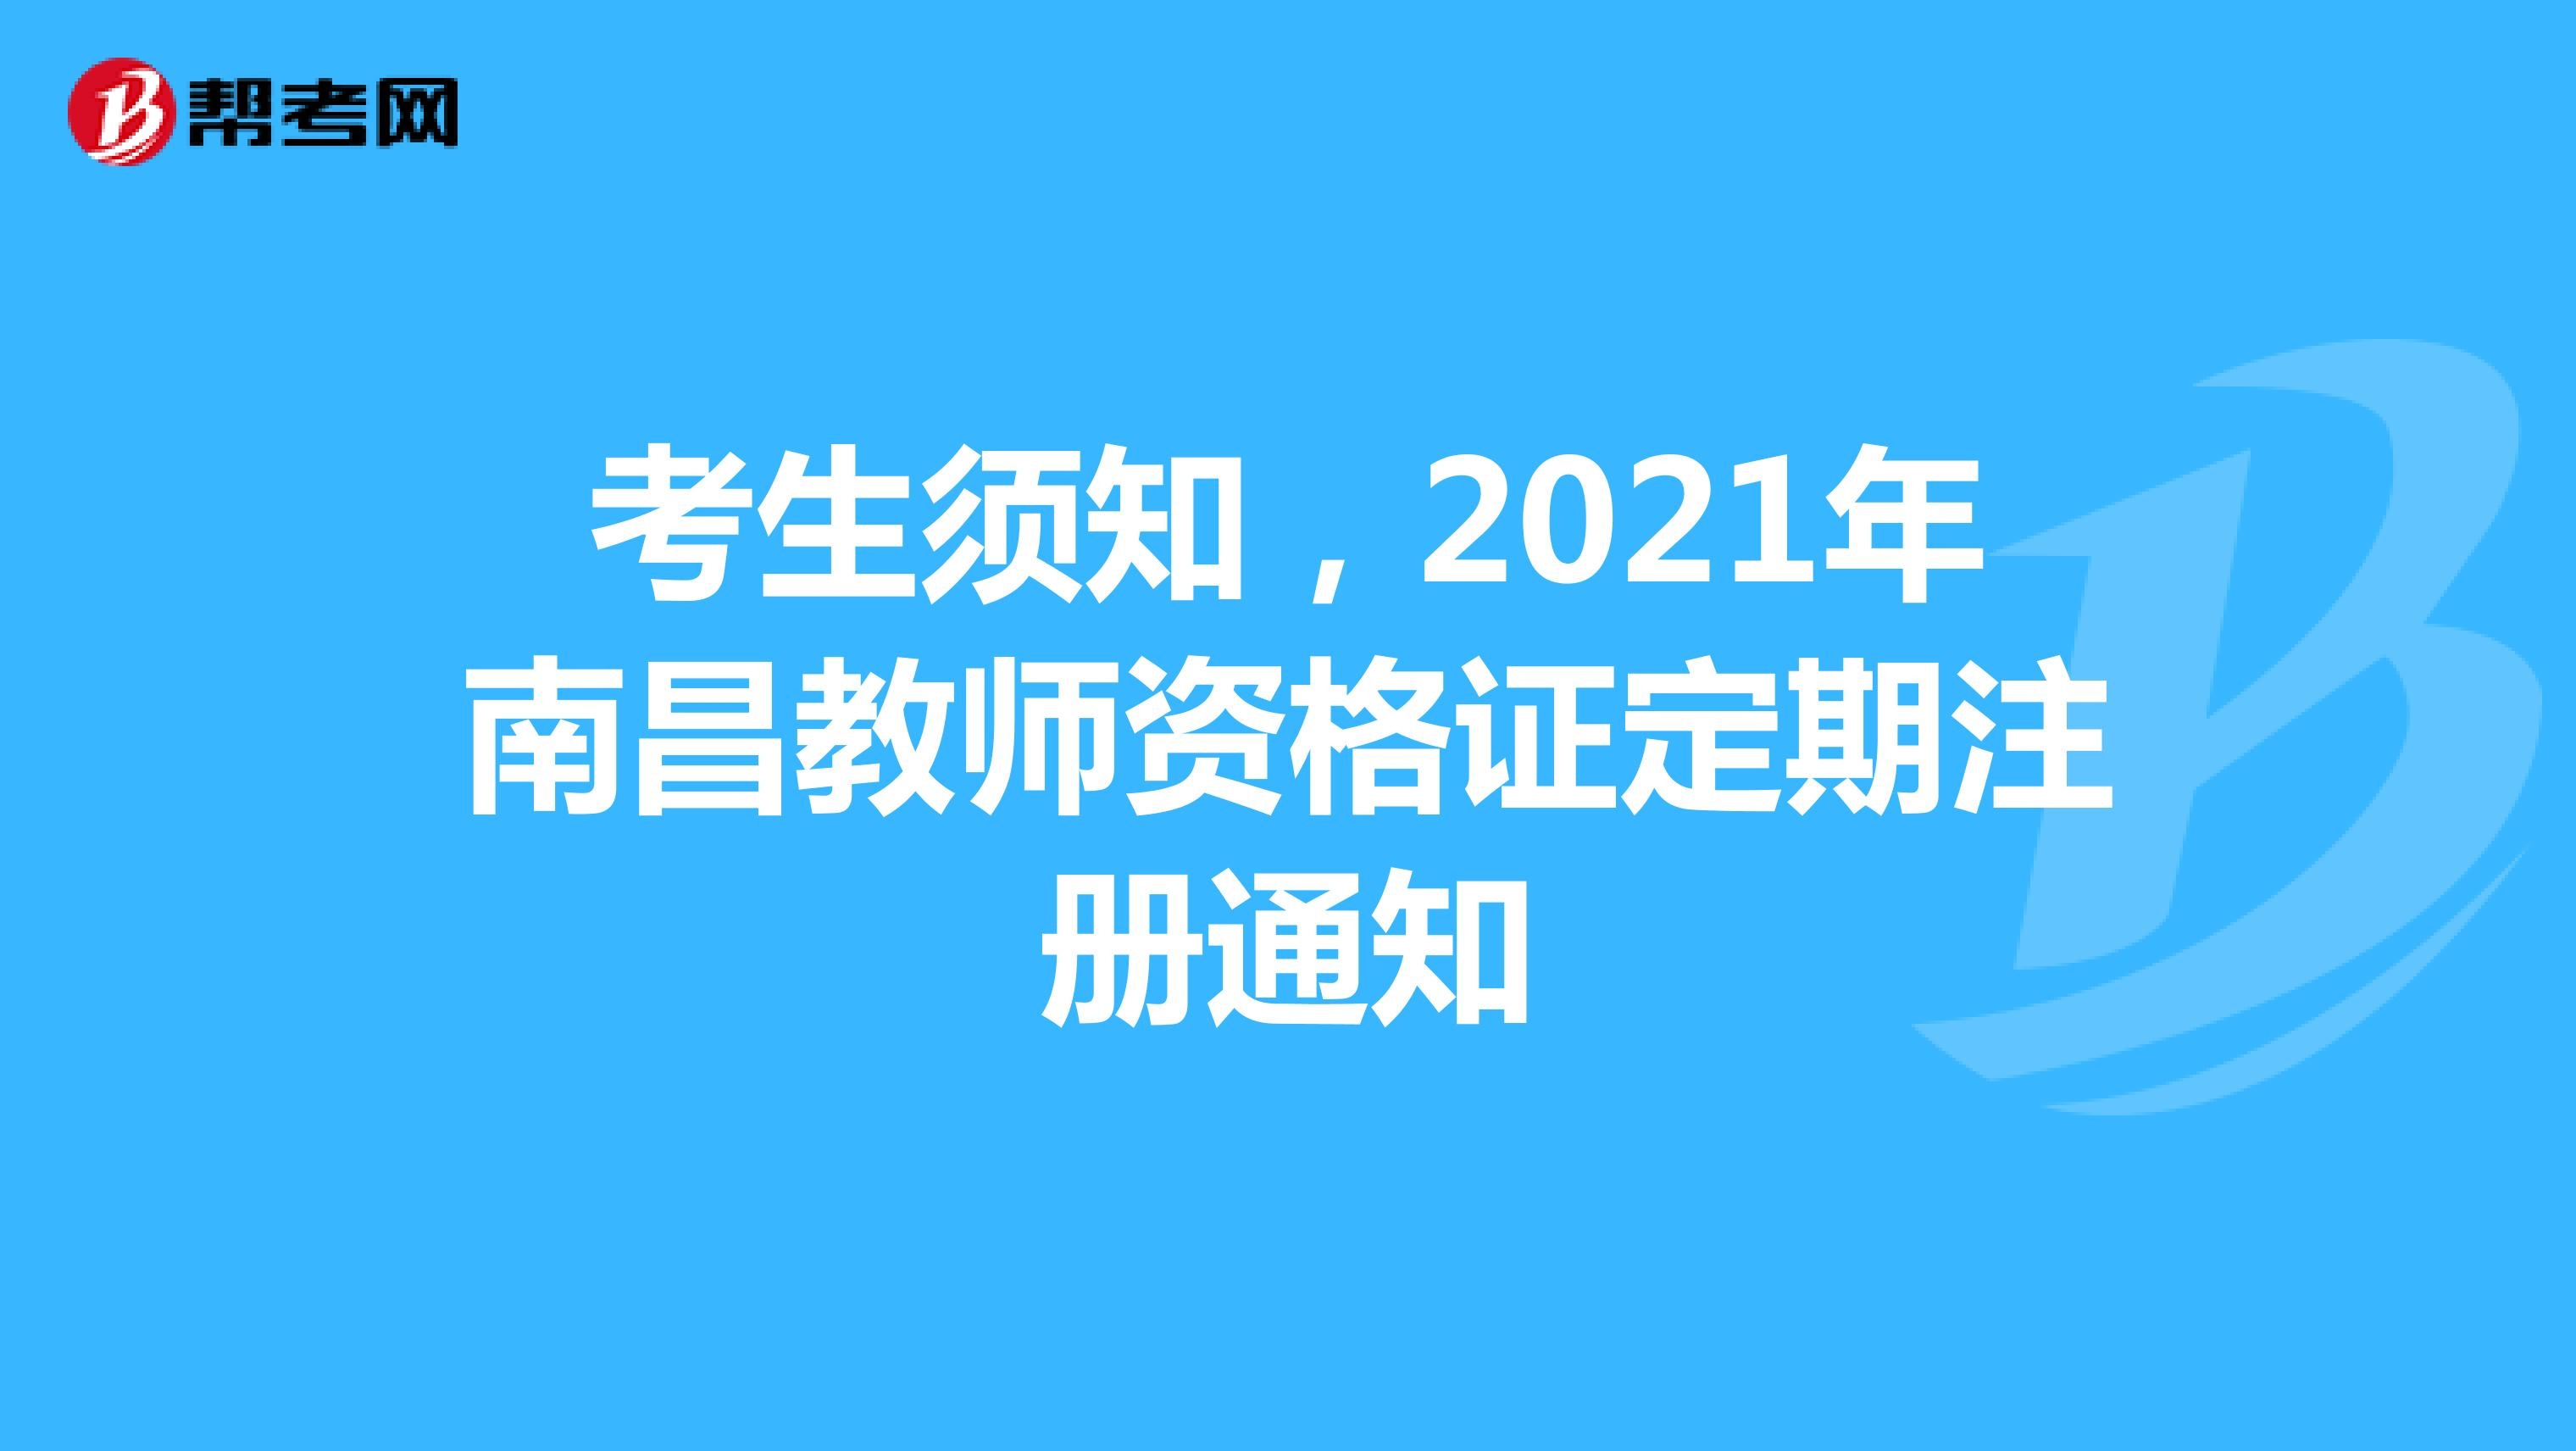 考生须知,2021年南昌教师资格证定期注册通知